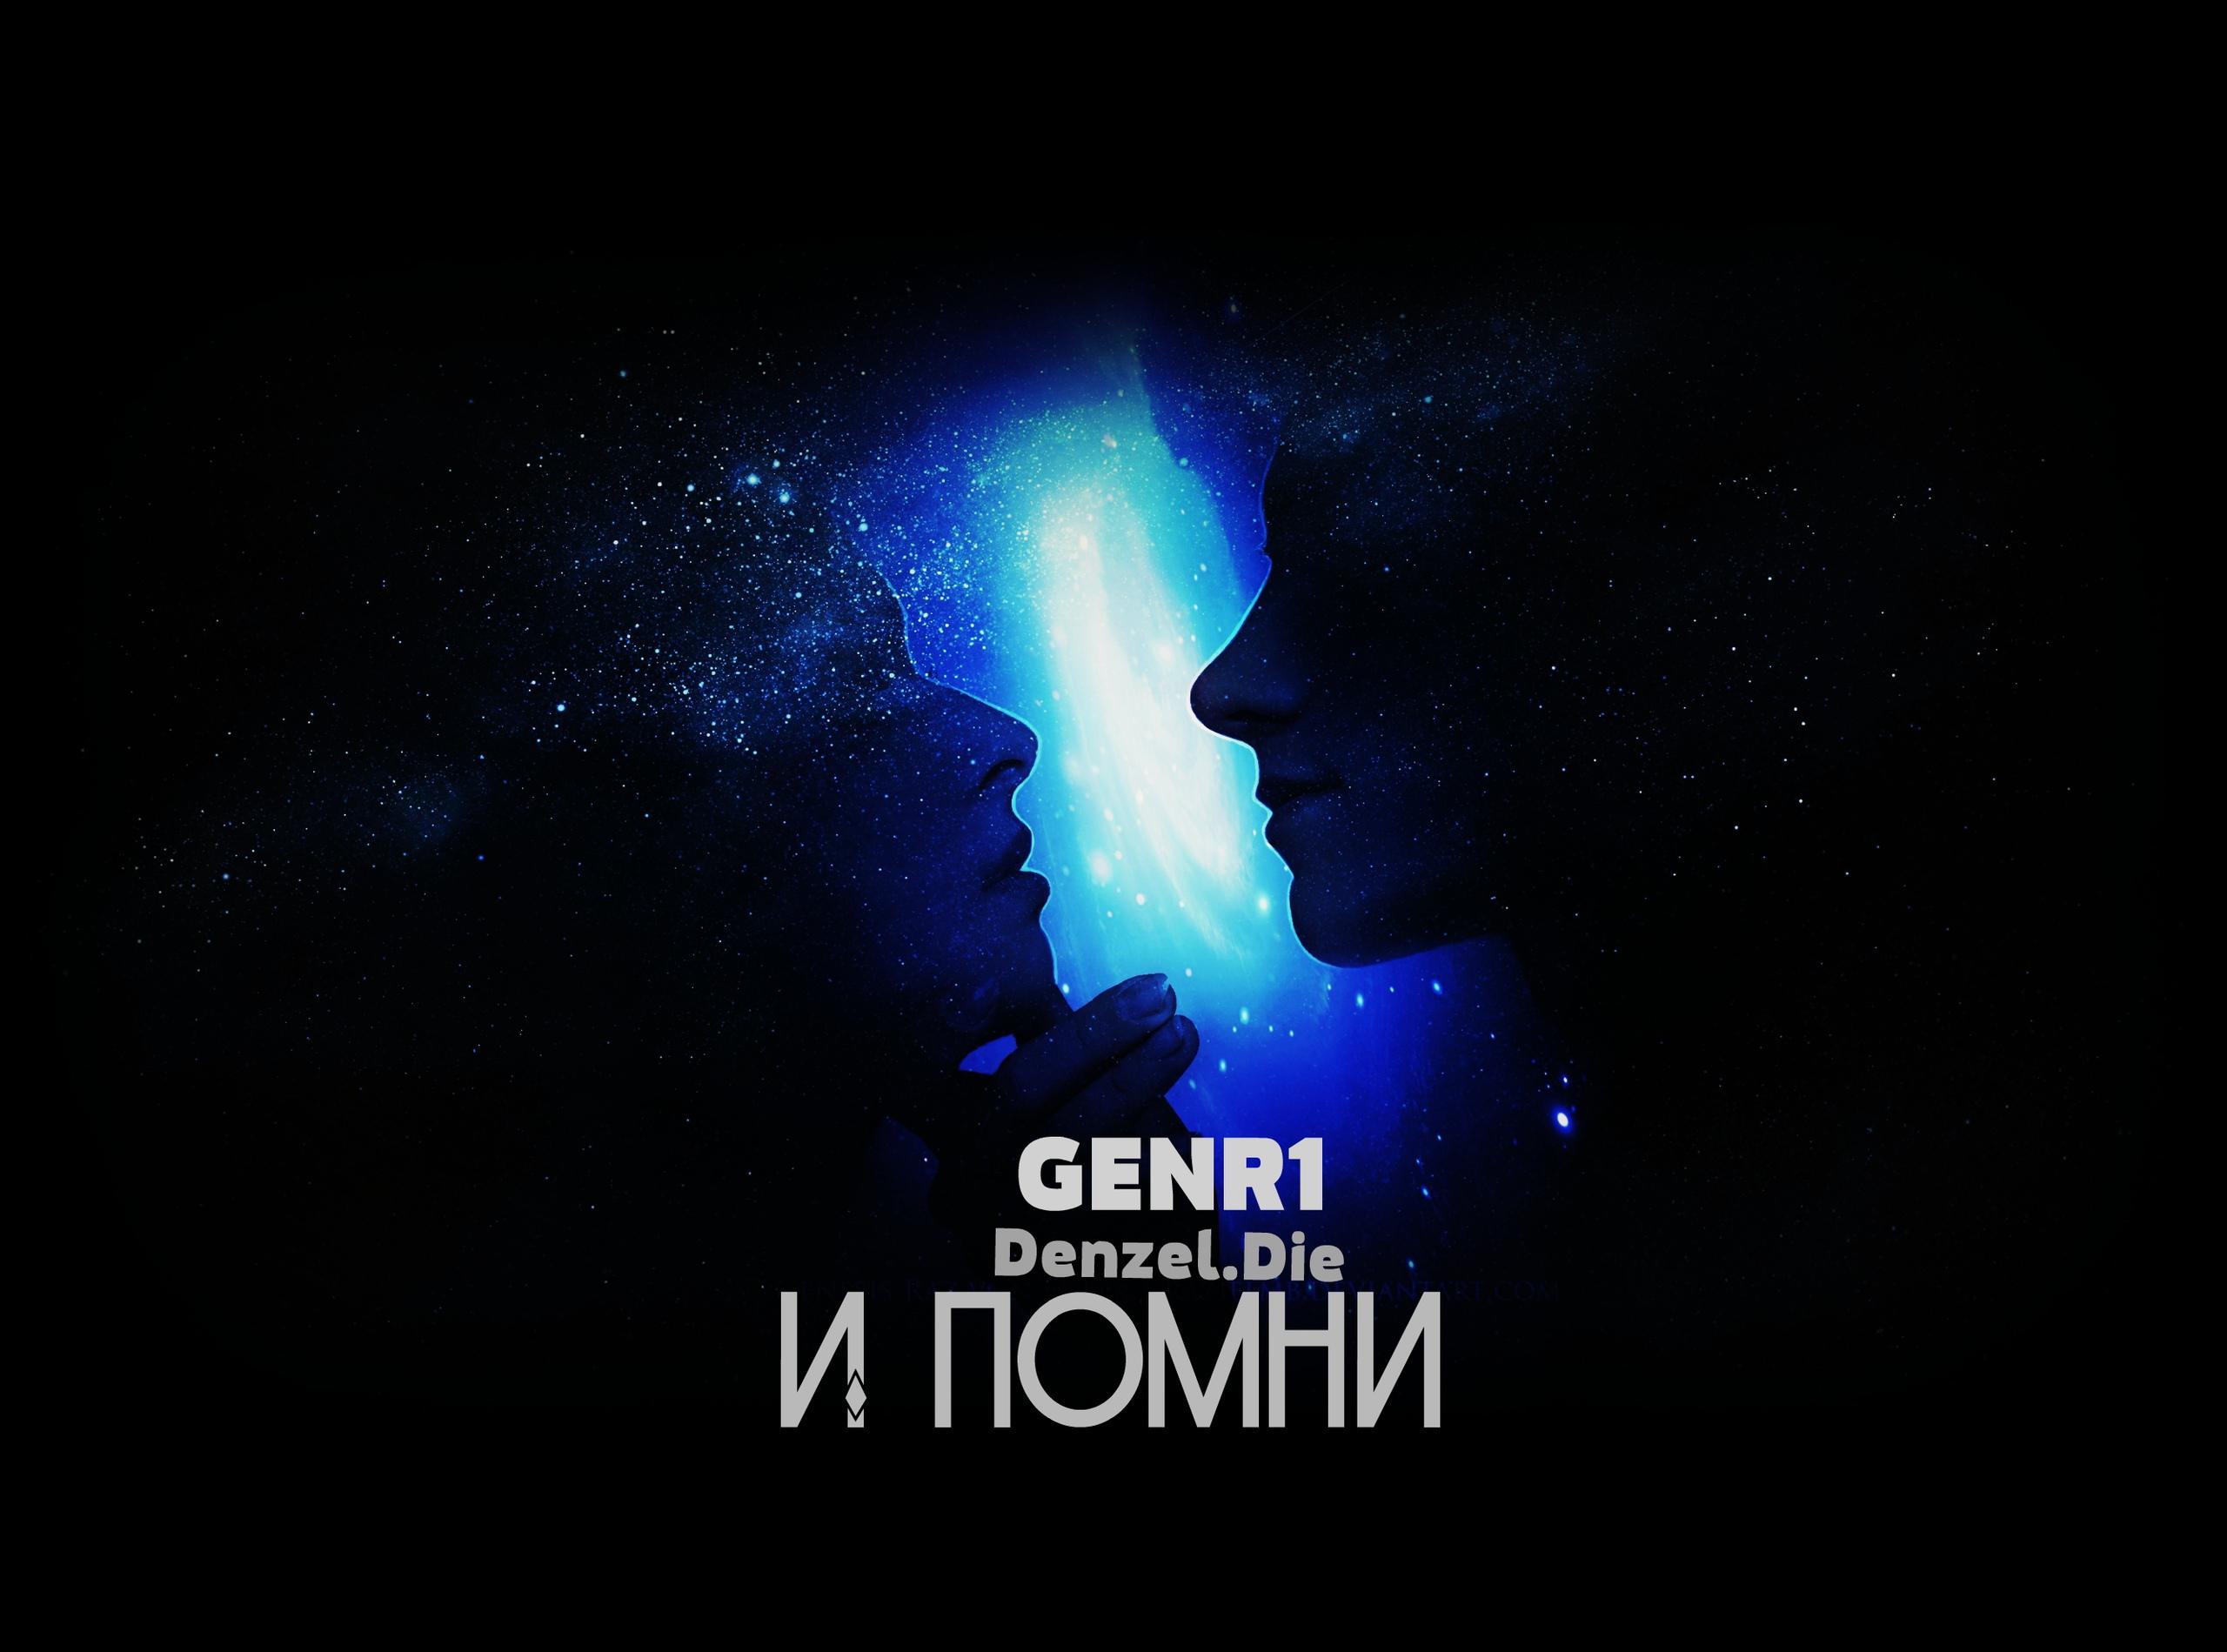 #NEW GENR1 x Denzel.Die - И помни